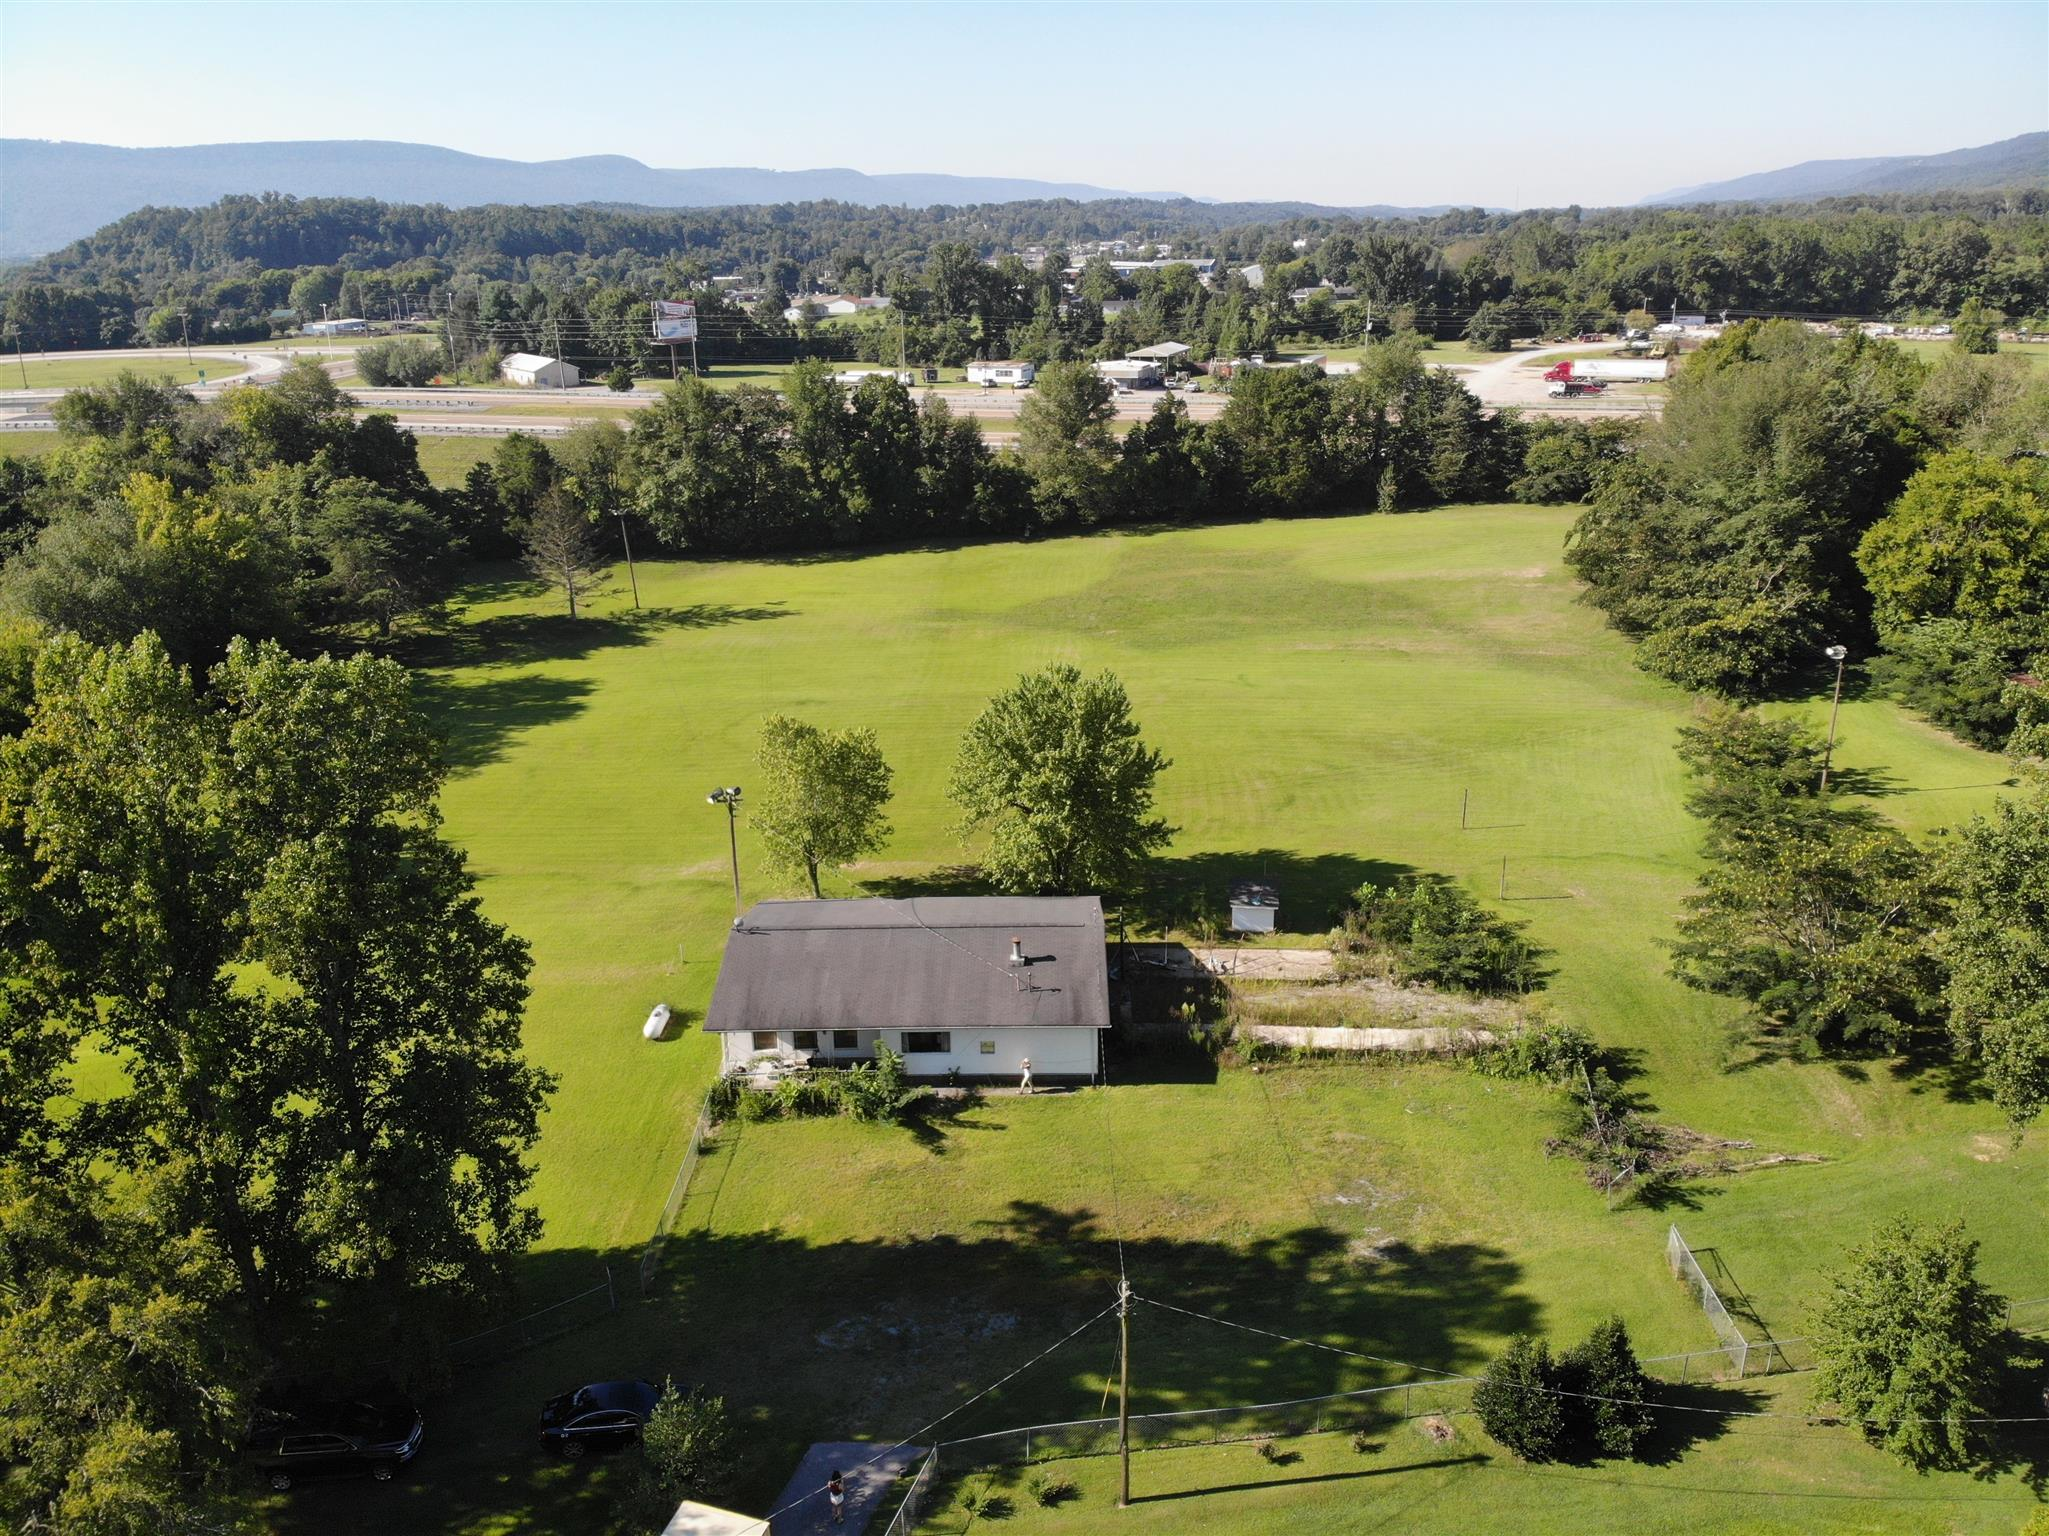 908 Old Highway 8, Dunlap, TN 37327 - Dunlap, TN real estate listing